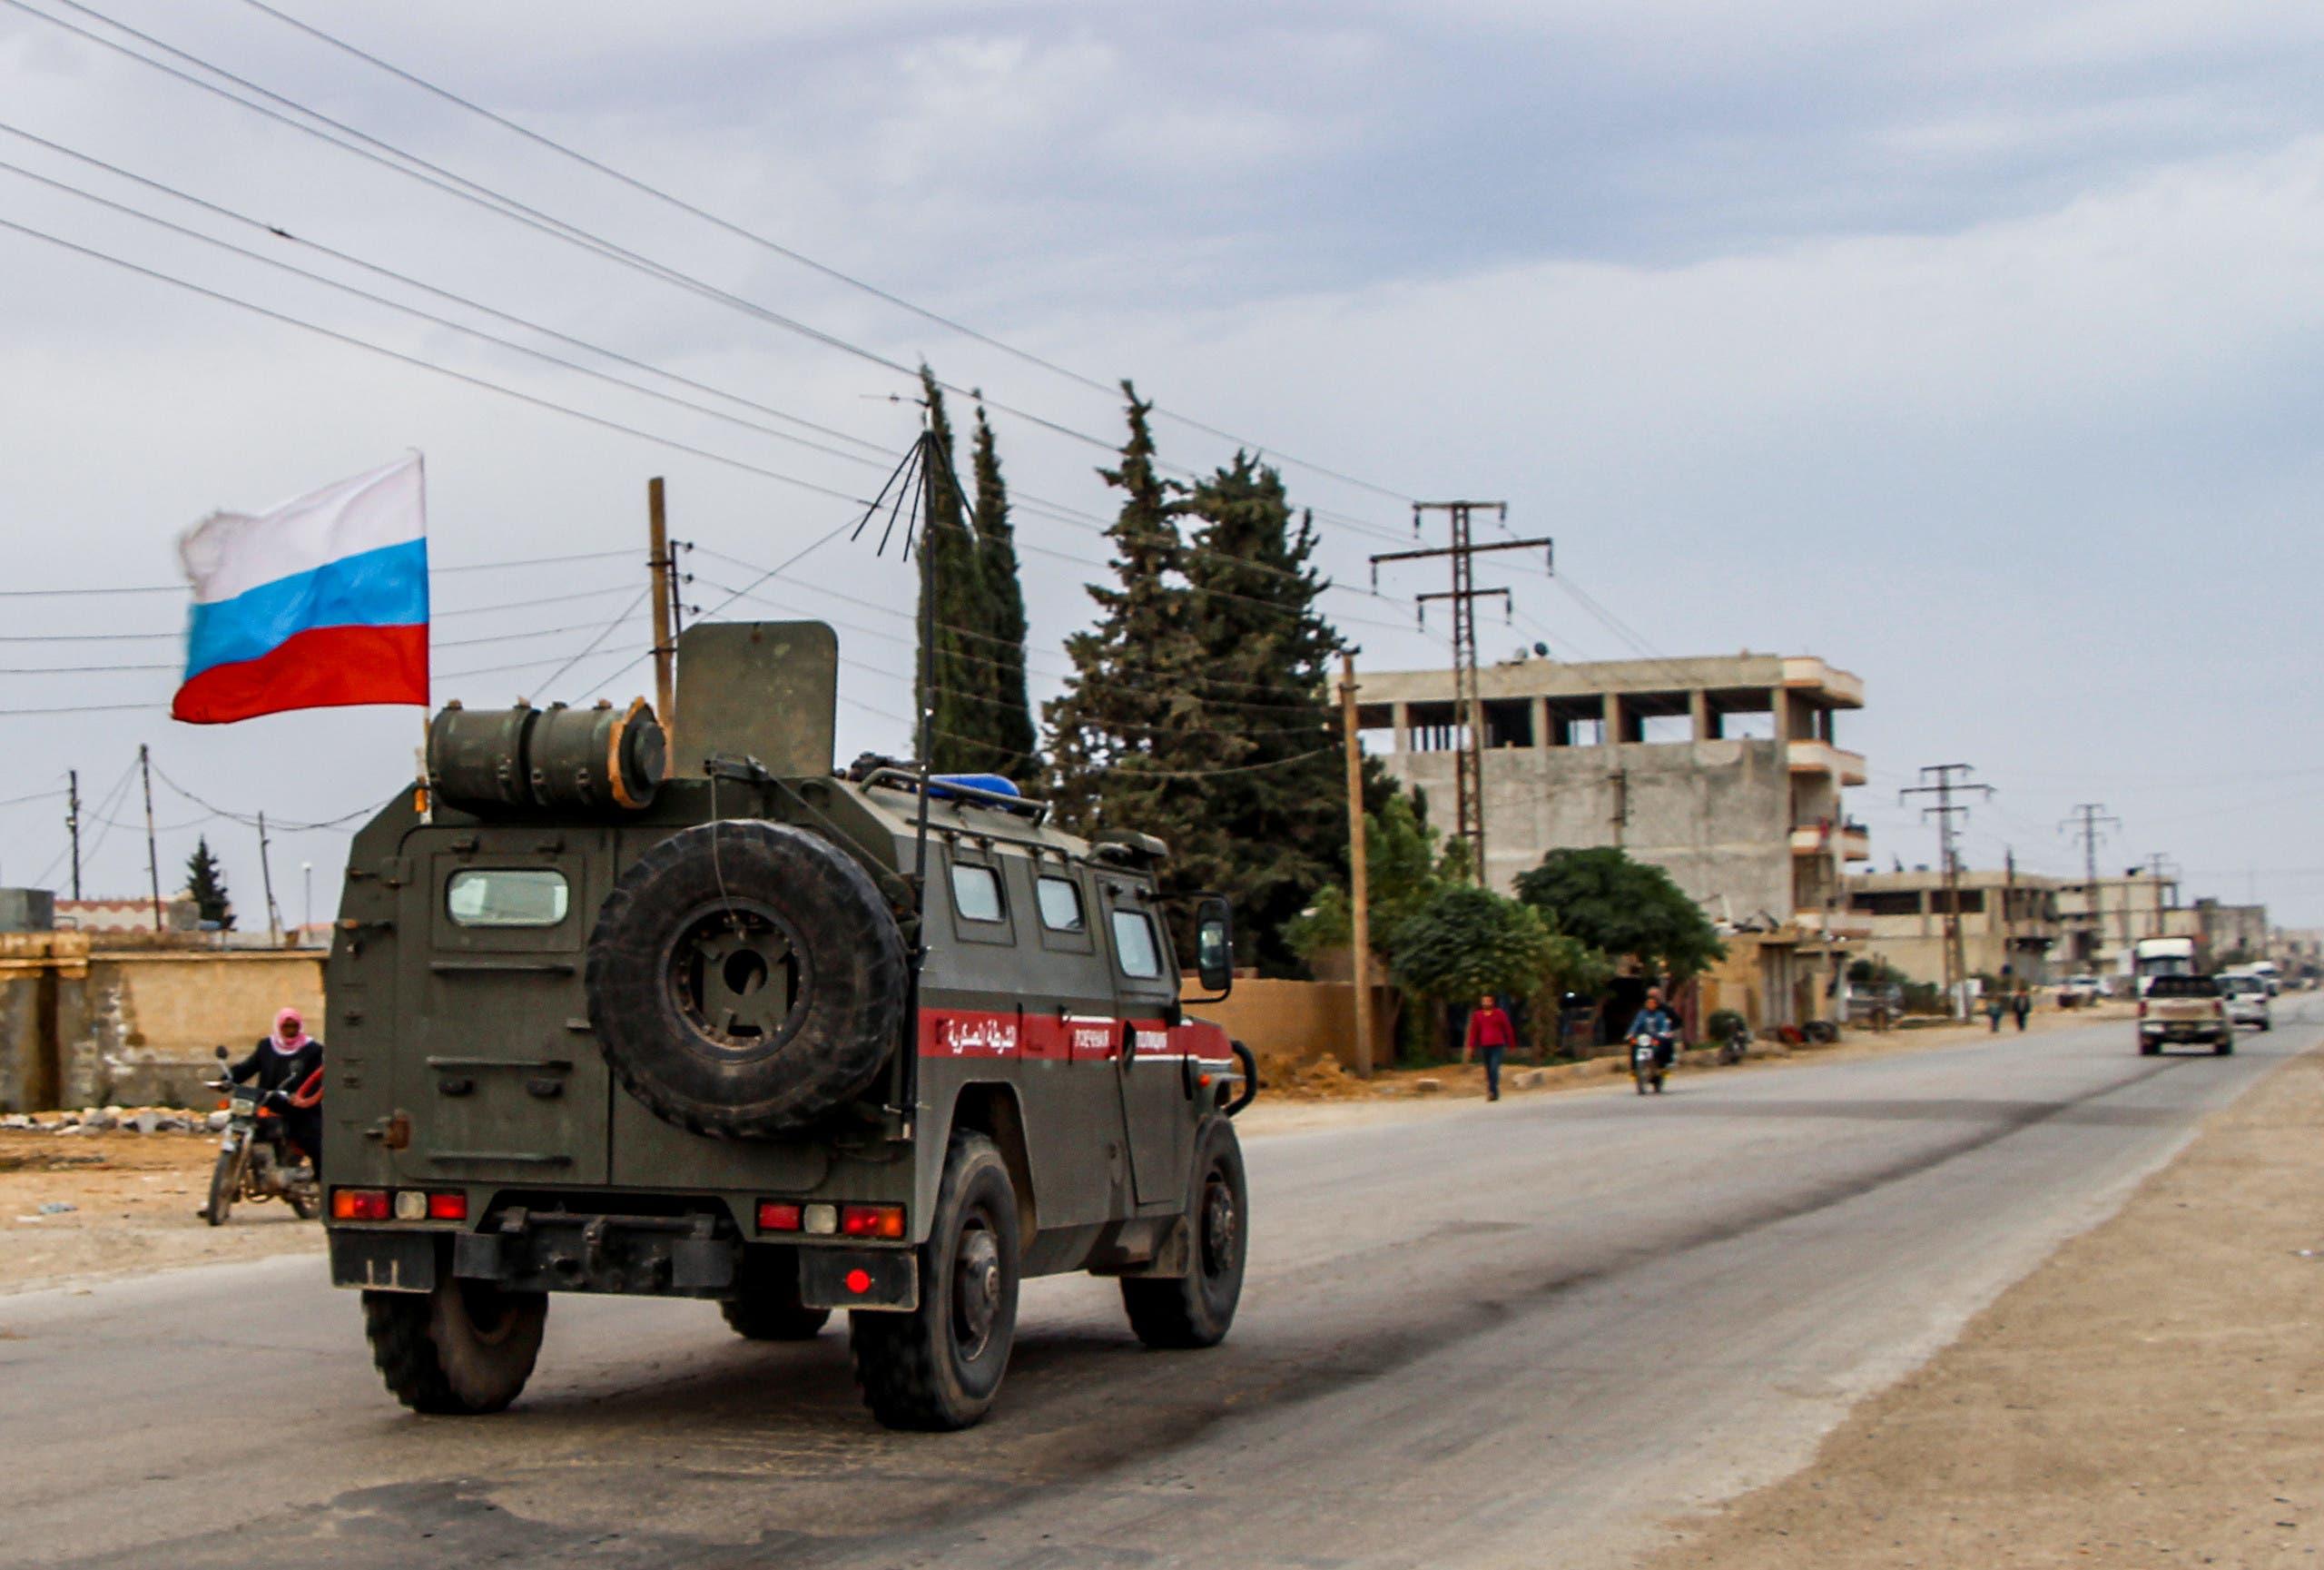 دورية روسية في حلب (أرشيفية)